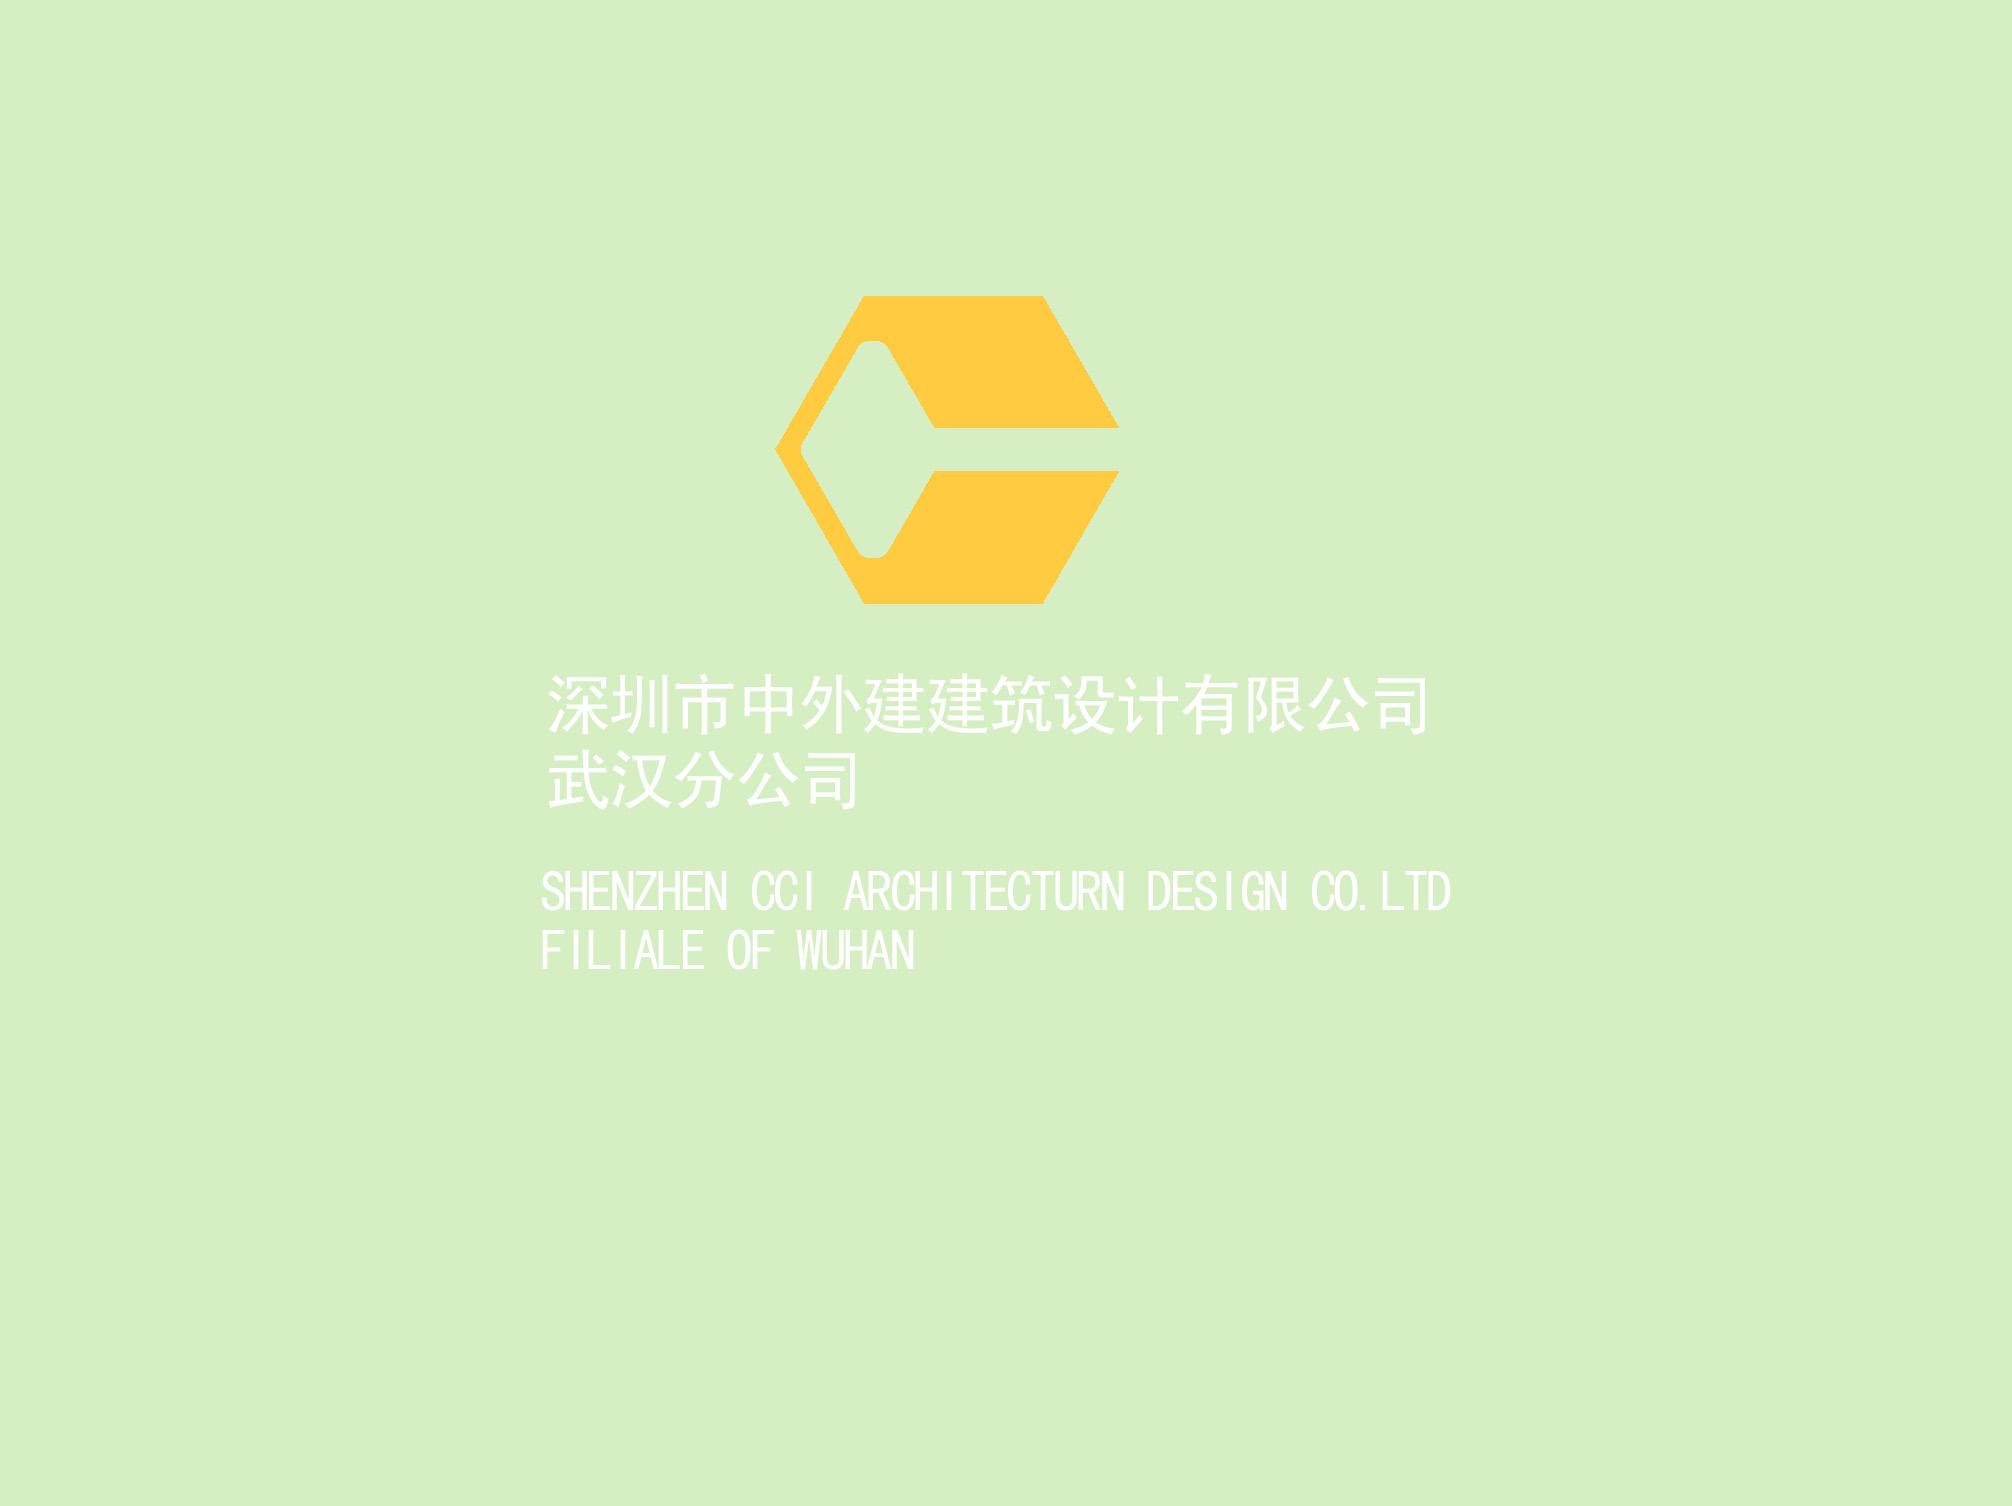 深圳市中外建建筑设计有限公司武汉分公司